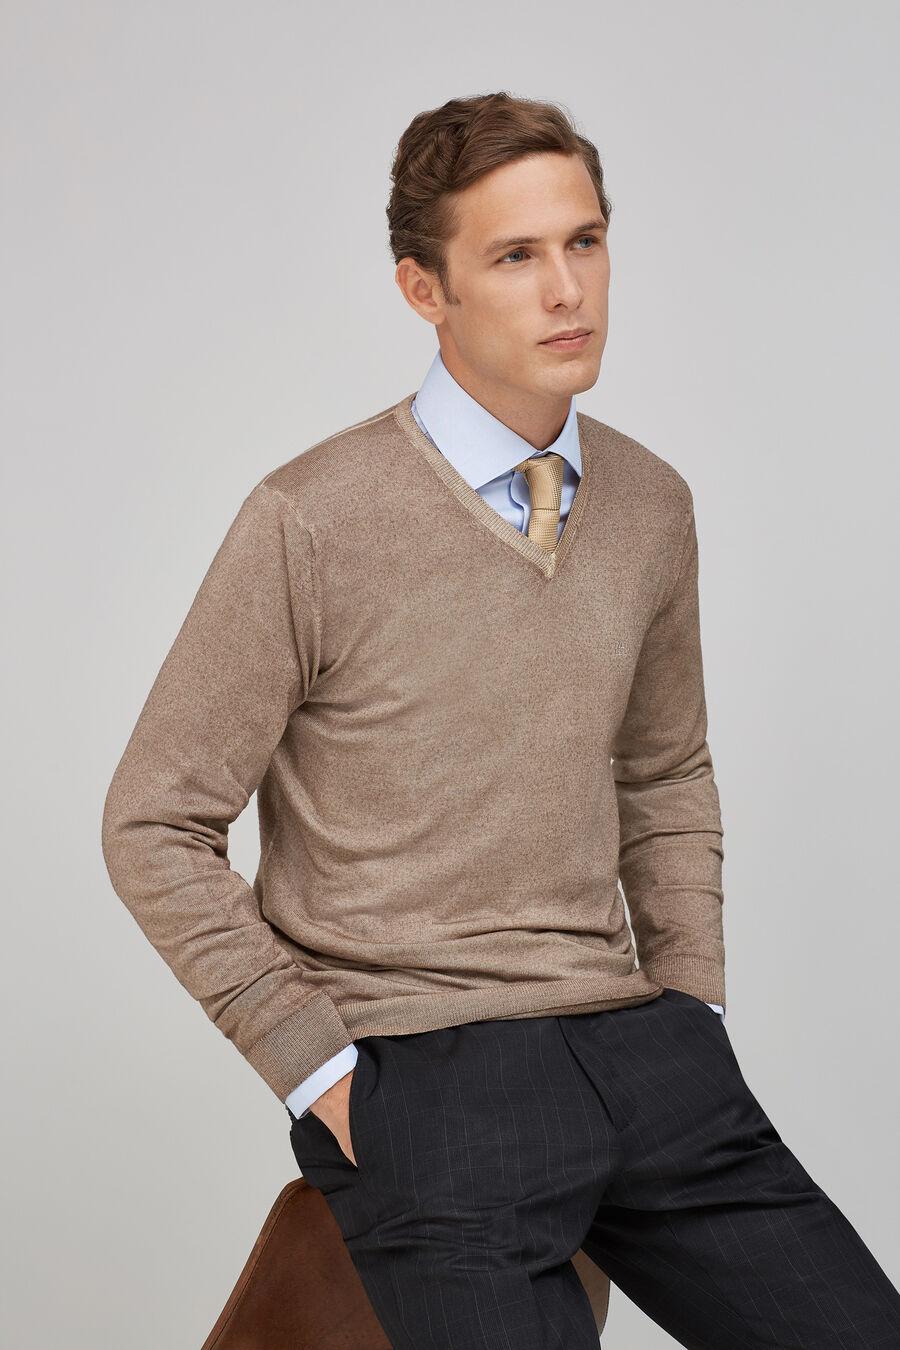 Garment-dyed V-neck sweater